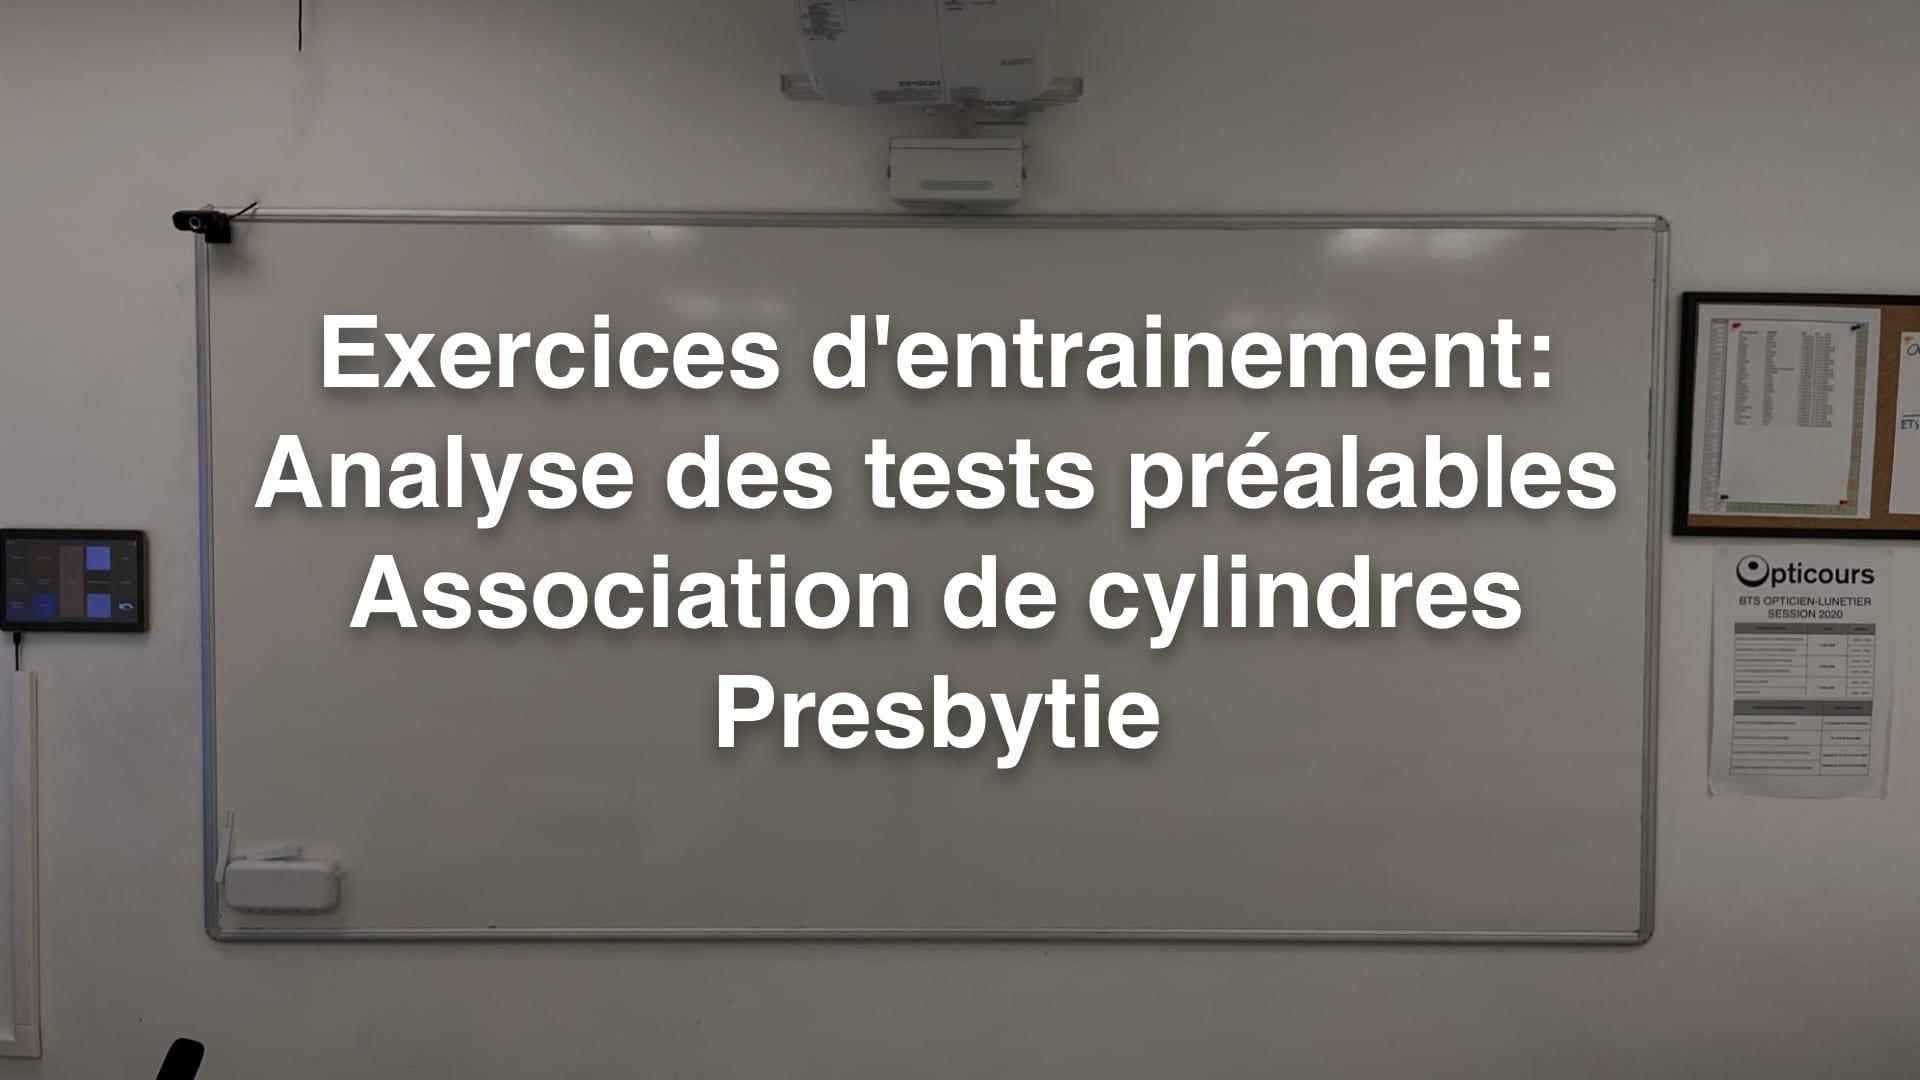 Exercices d'entrainement- Analyse des tests préalables Association de cylindres Presbytie